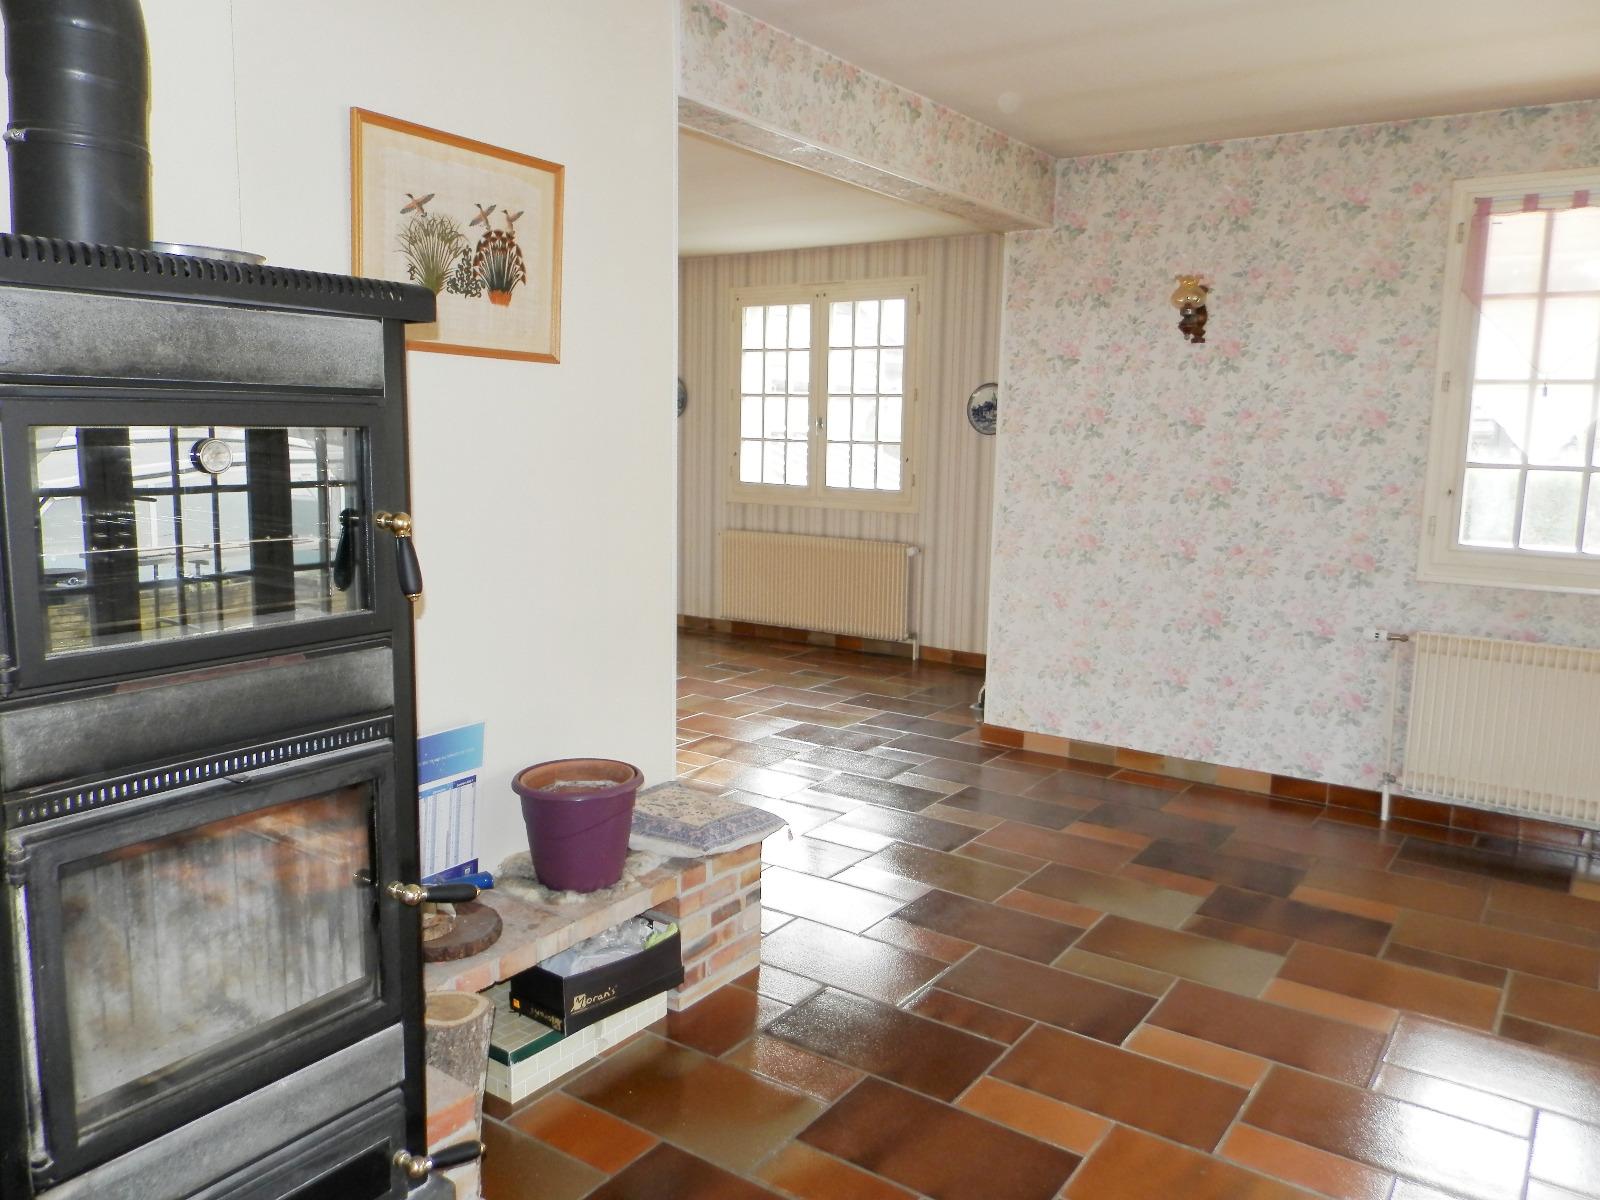 nevy sur seille 39 vendre maison familiale 200 m env sur terrain 2983 m avec piscine. Black Bedroom Furniture Sets. Home Design Ideas